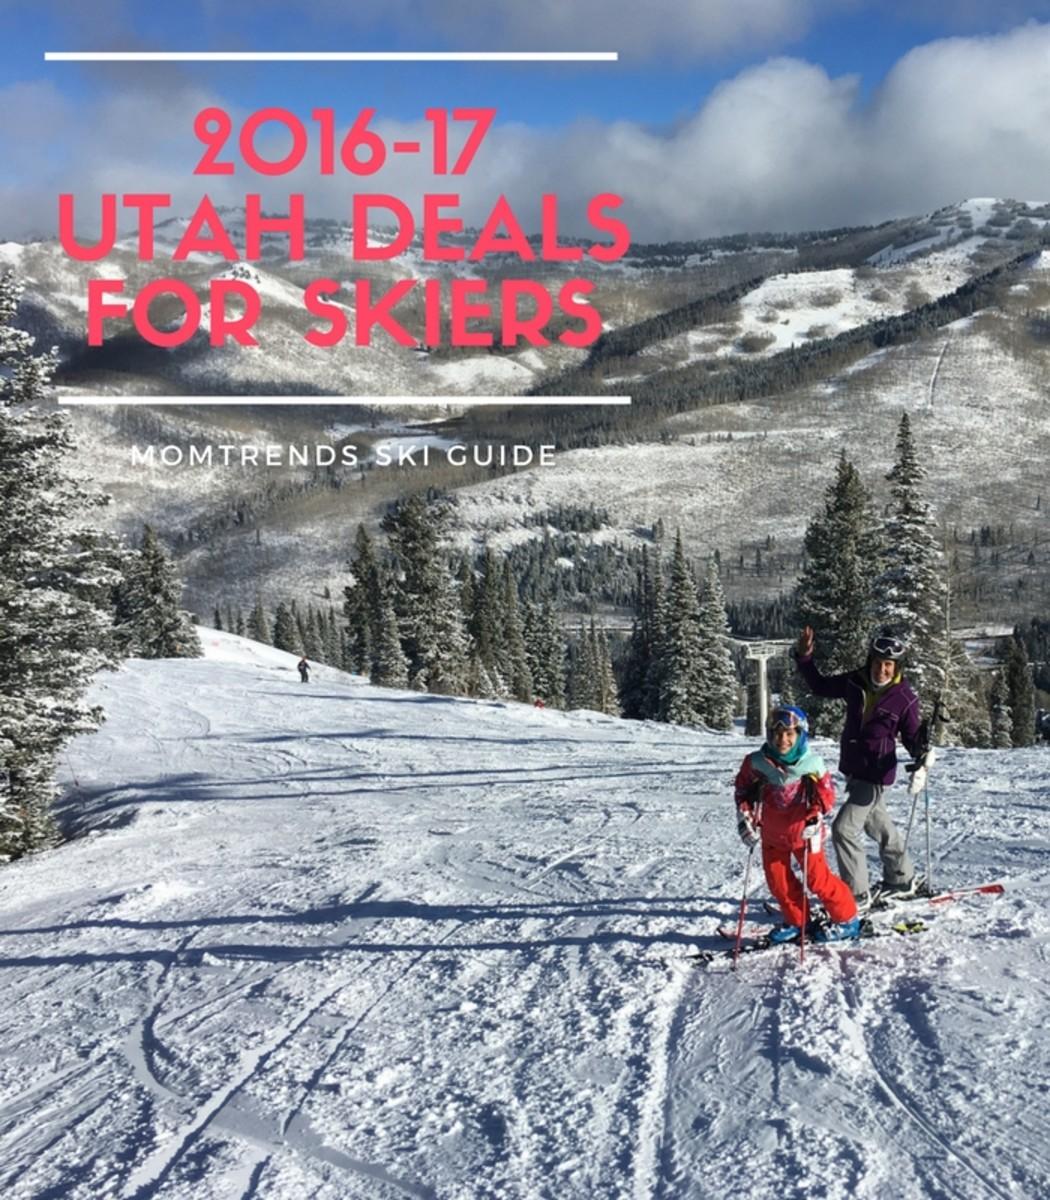 utah deals for skiers